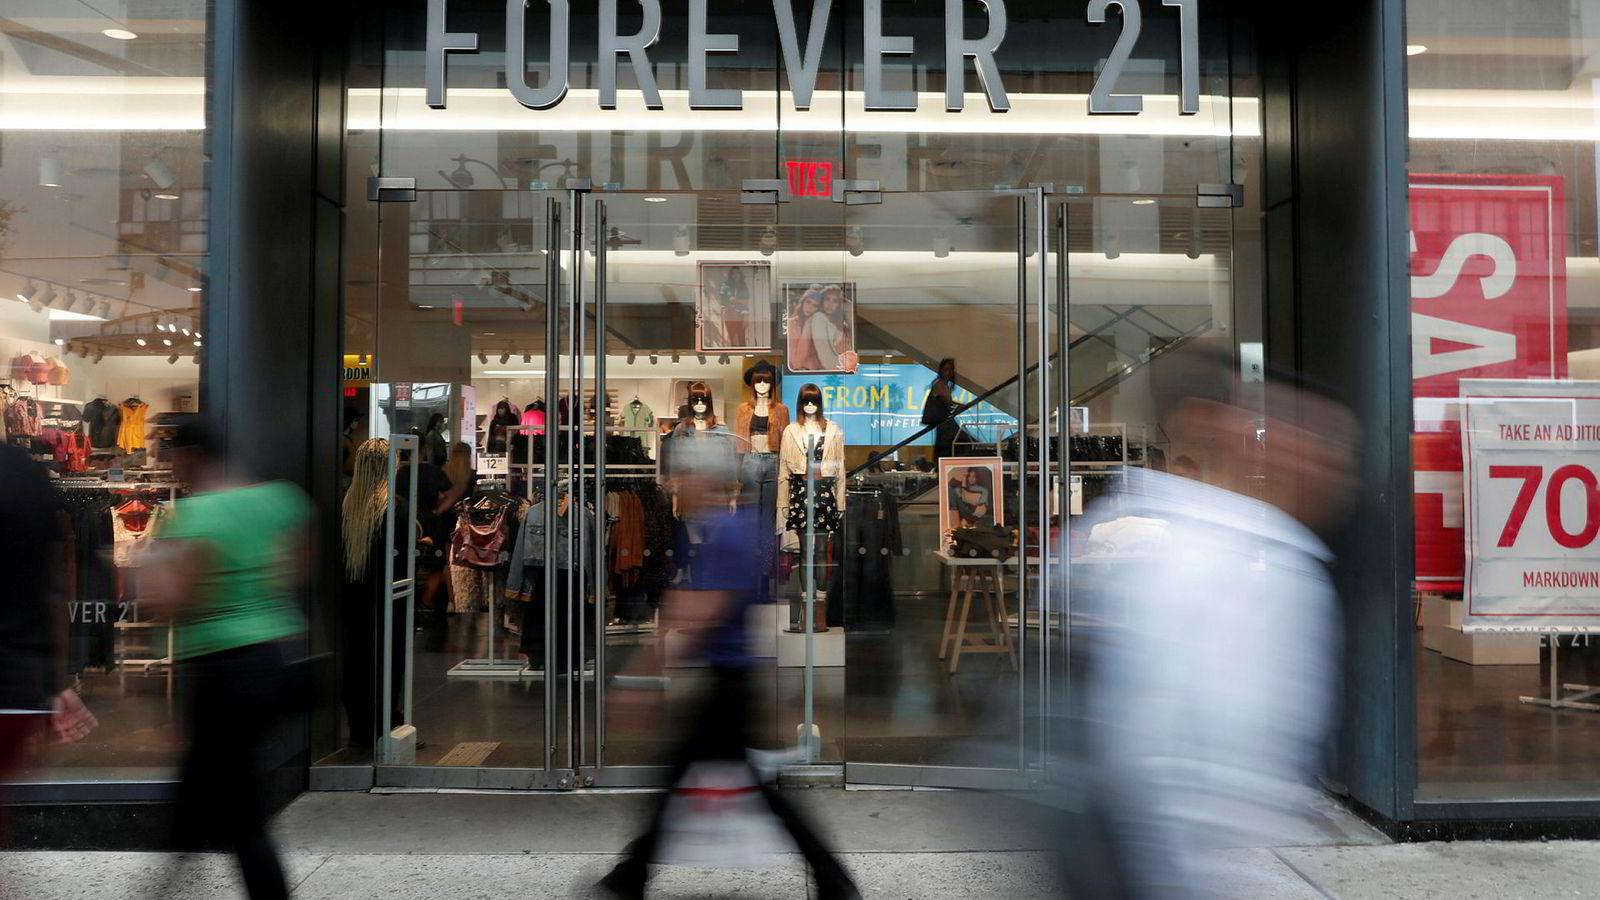 Billigkleskjeden Forever 21 har søkt om amerikansk konkursbehandling. Det betyr at over 350 butikker vil bli stengt på verdensbasis. Bildet er av Forever 21s butikk i New York.